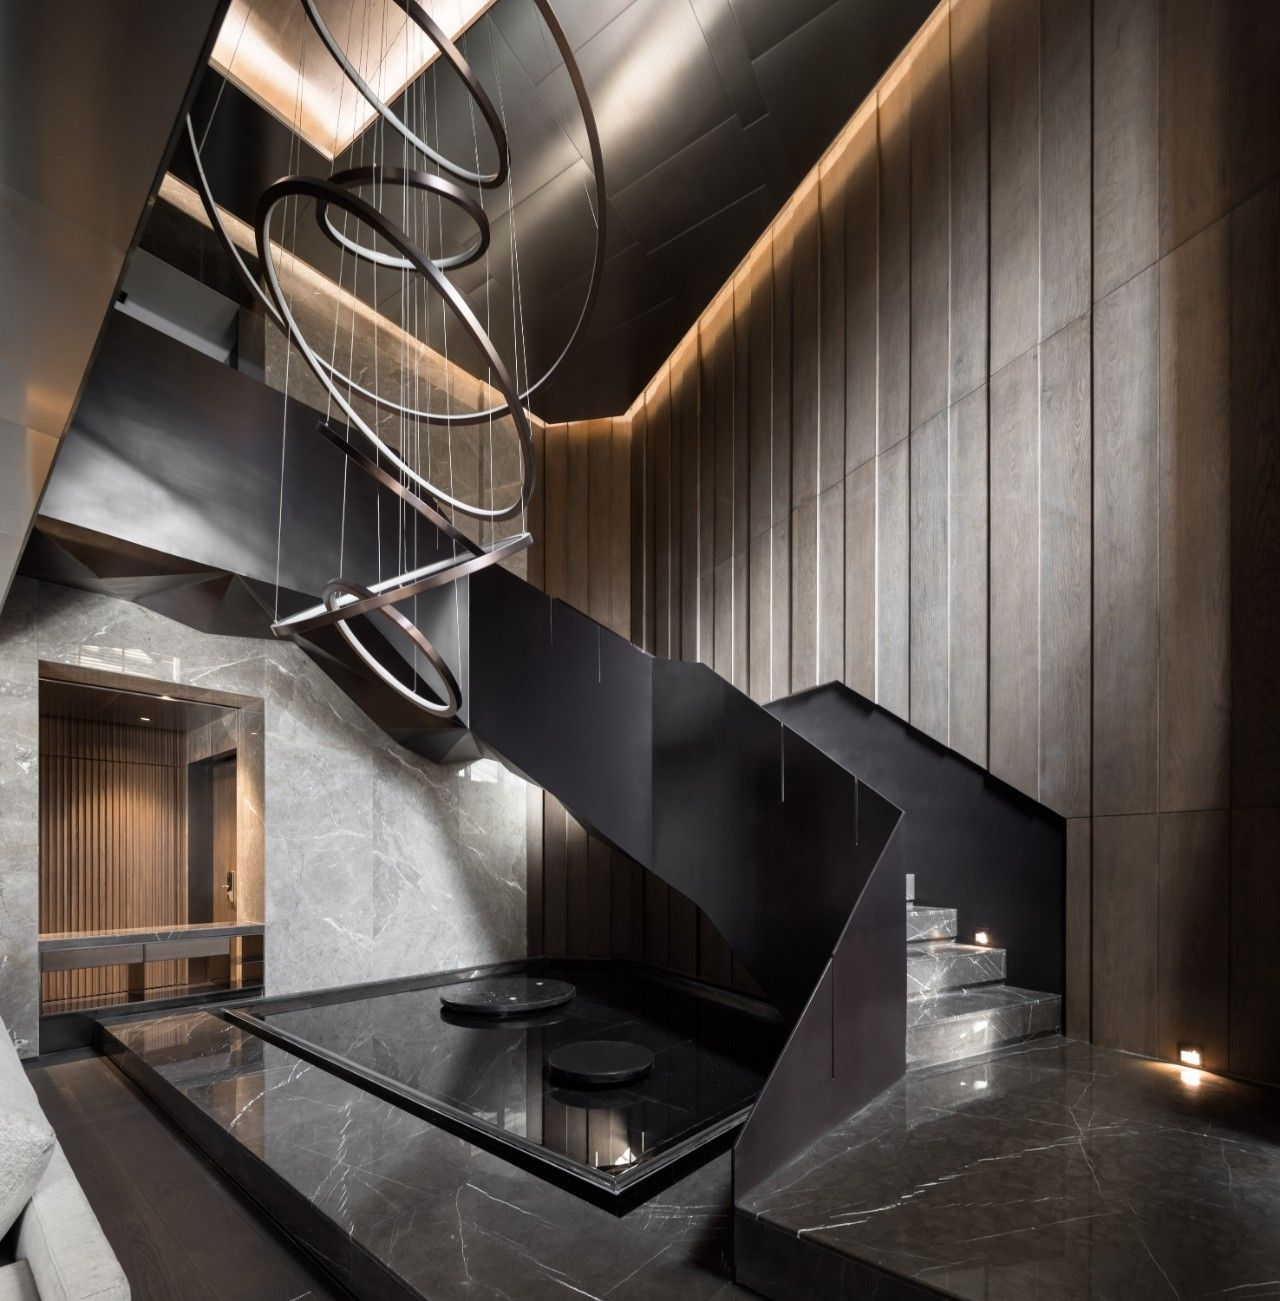 最新 | 唐忠汉:540m2顶层复式 ,大地灰演绎最美的奢宅气质